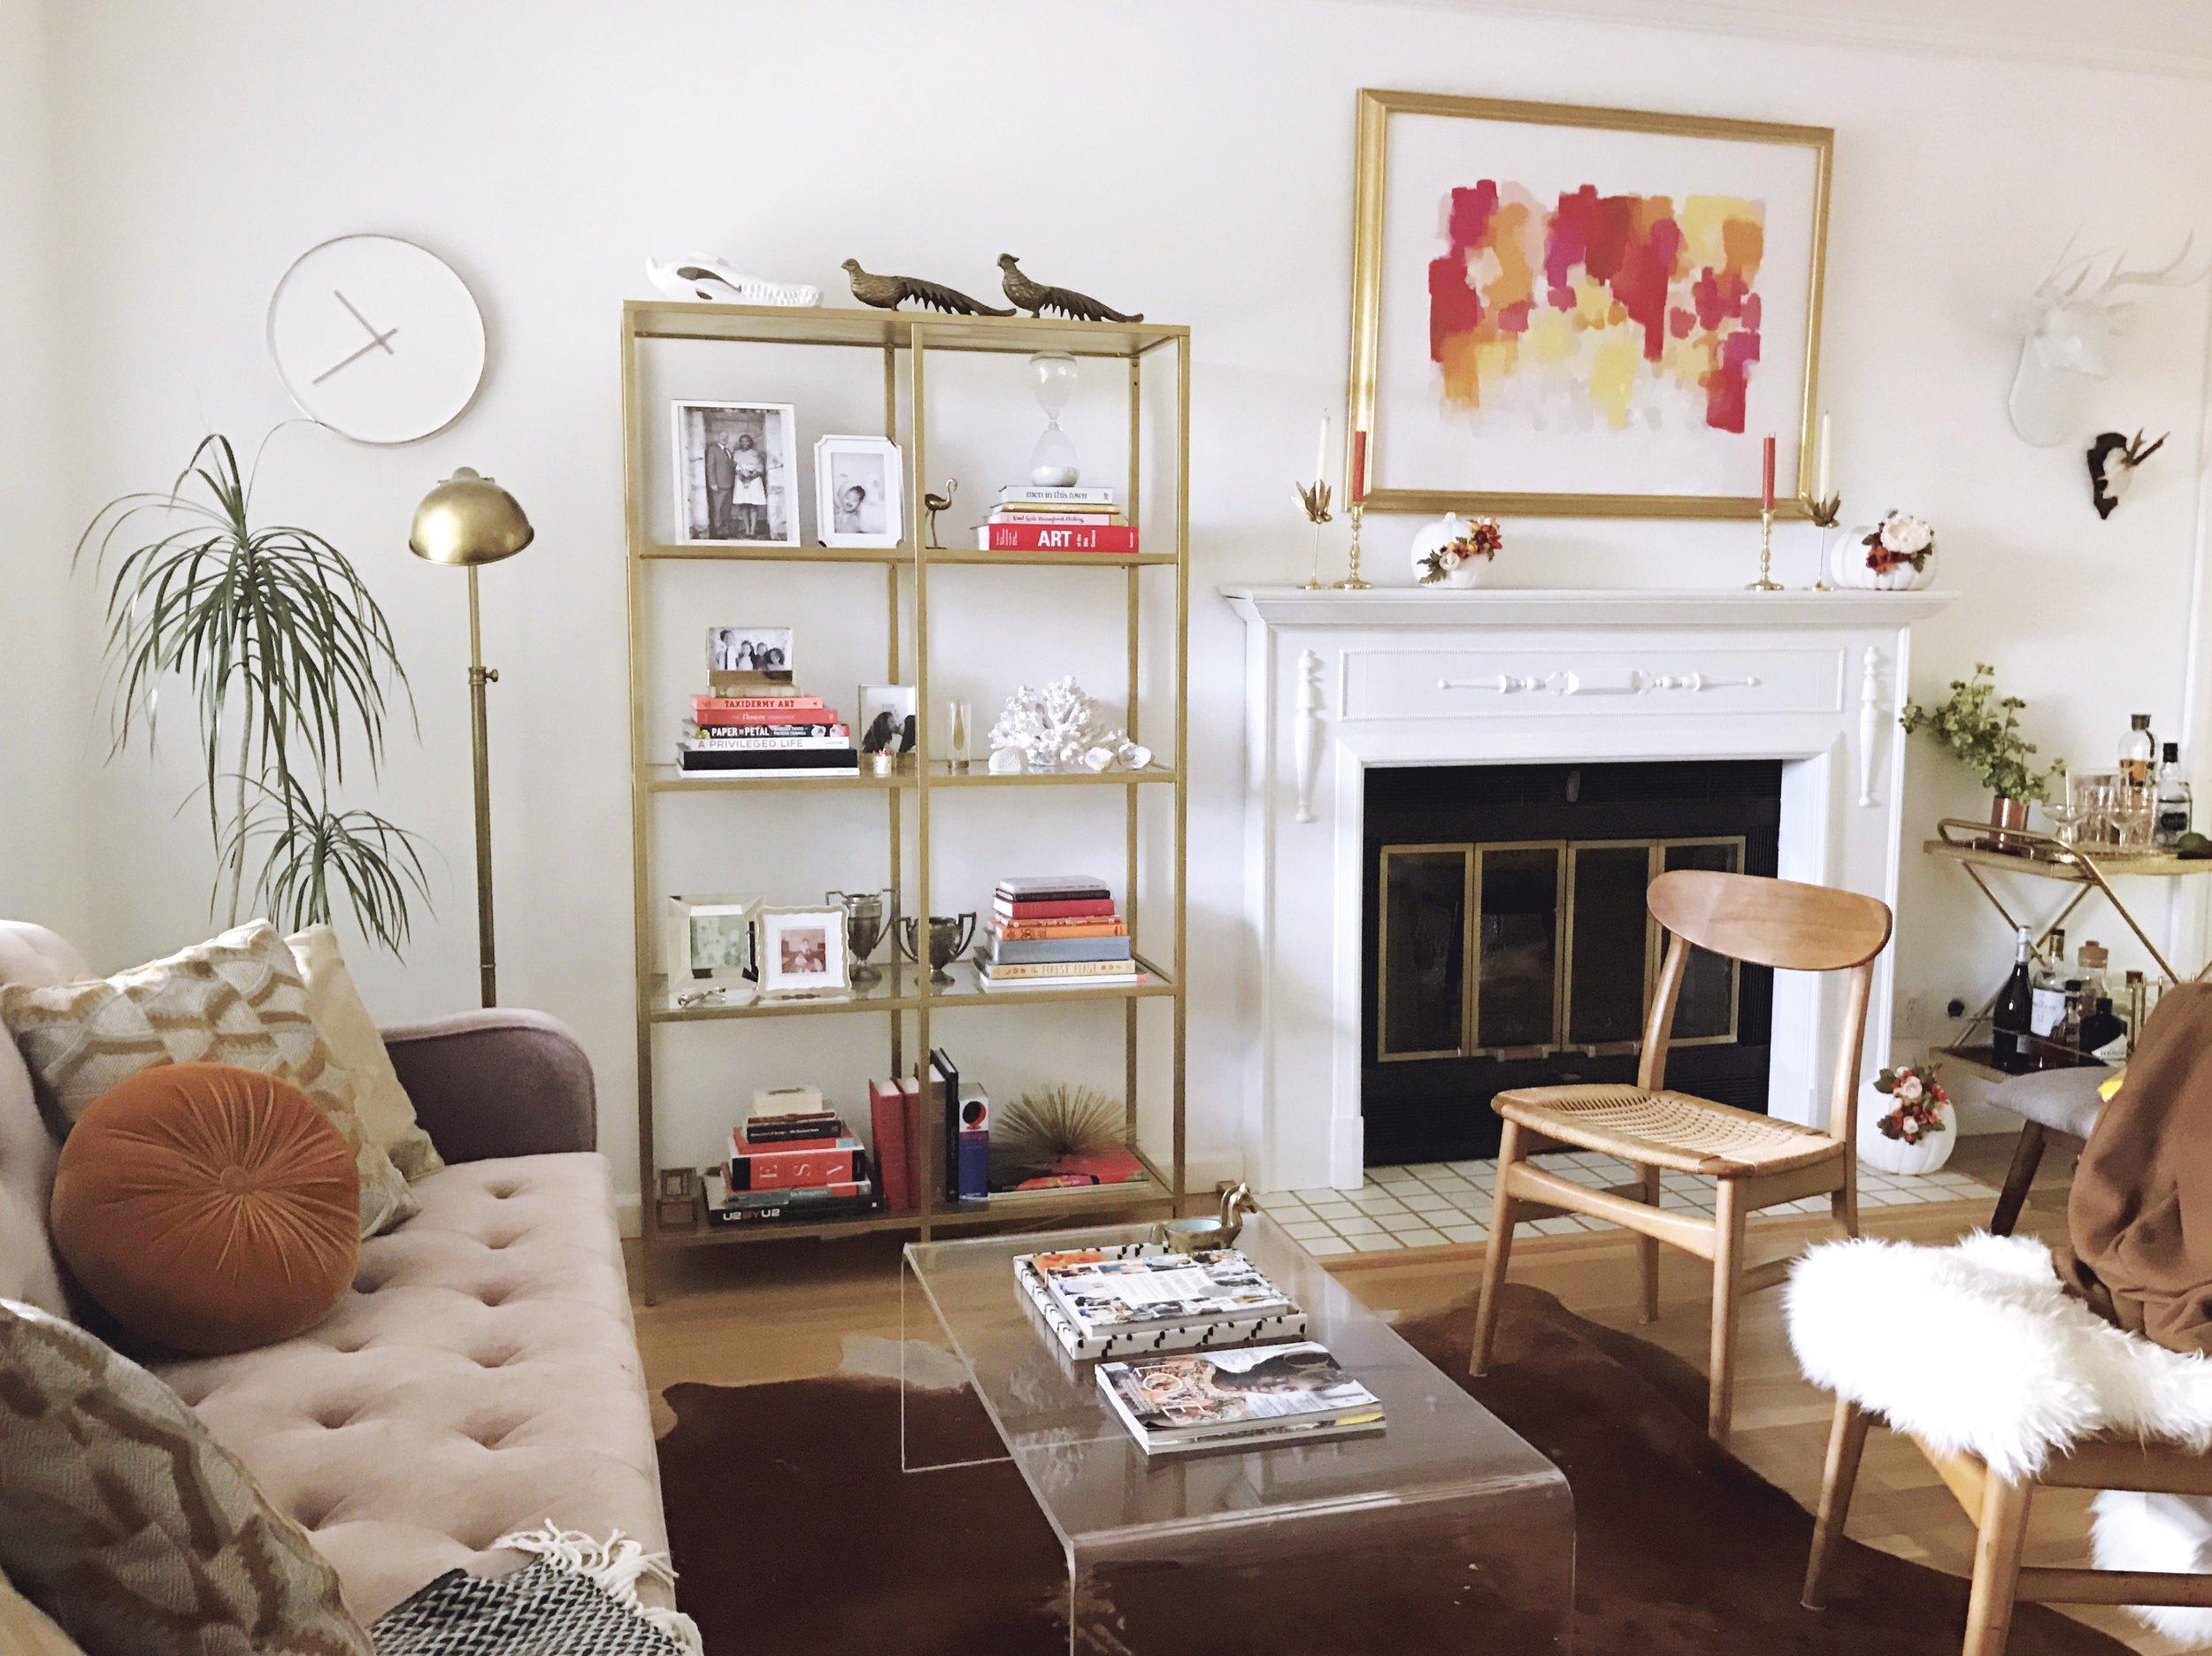 Brandy Brown Moorea Seal Book Marabou Design Home.jpg